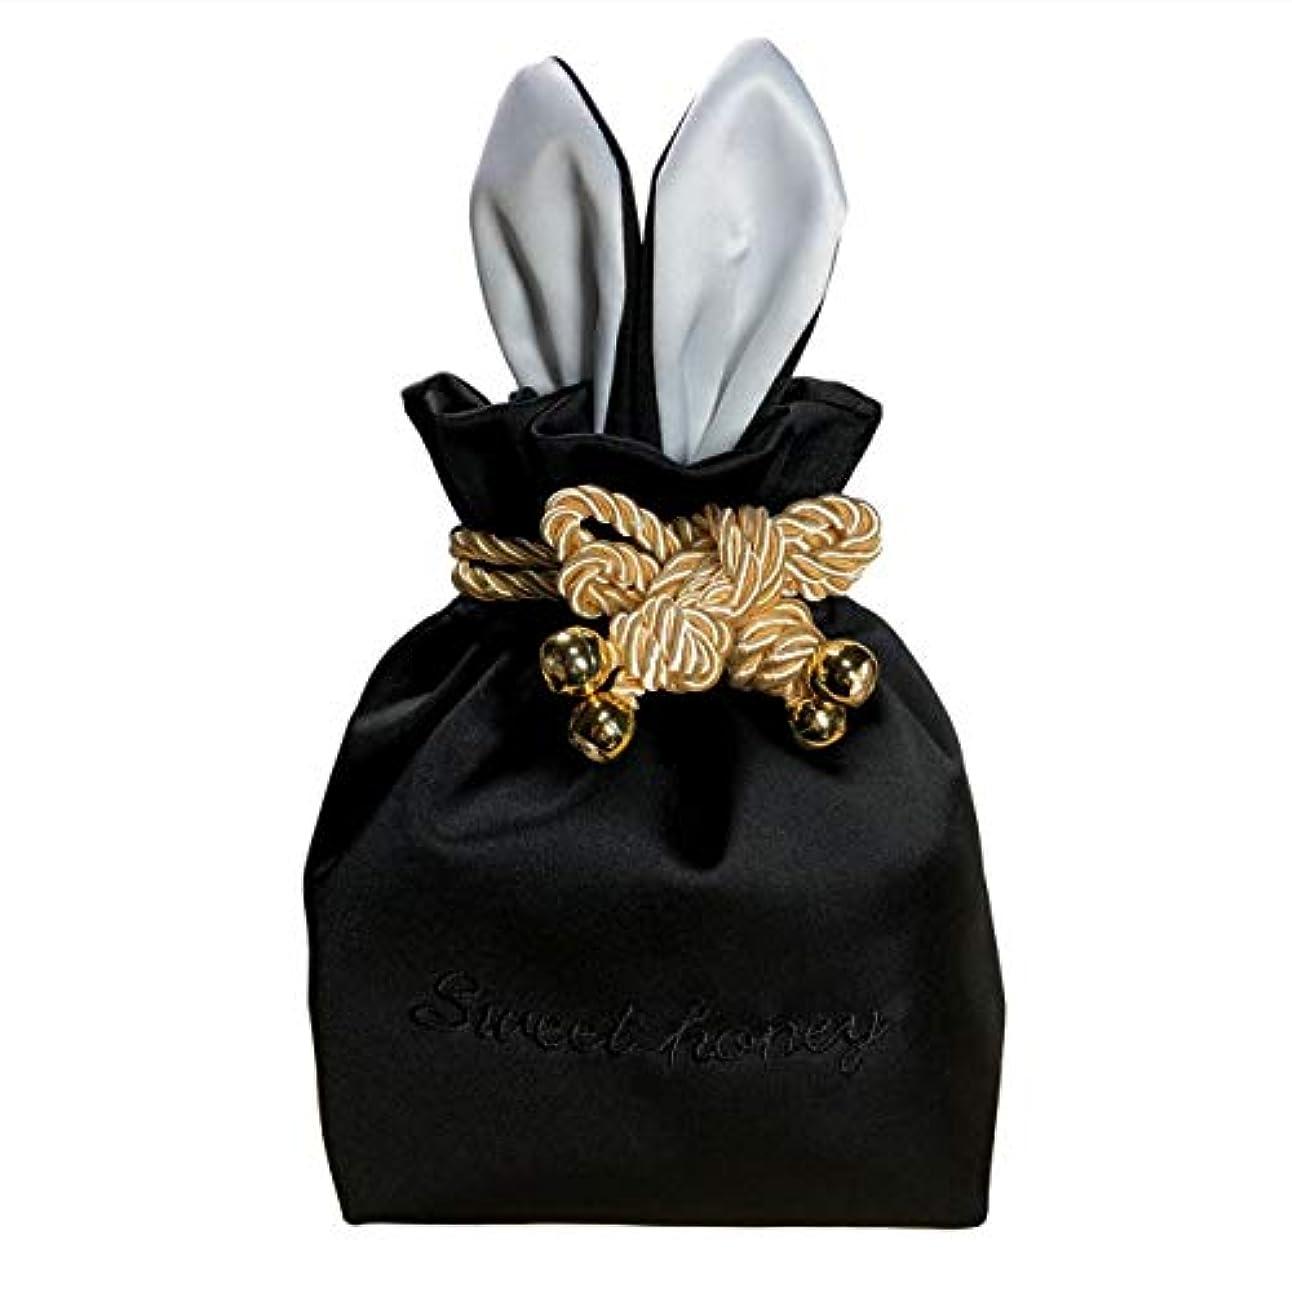 意欲物理的に刻むRER ウサギ コスメポーチ 化粧ポーチ 化粧品 たっぷり 収納 ポーチ コスメ ケース 巾着 (ブラック)